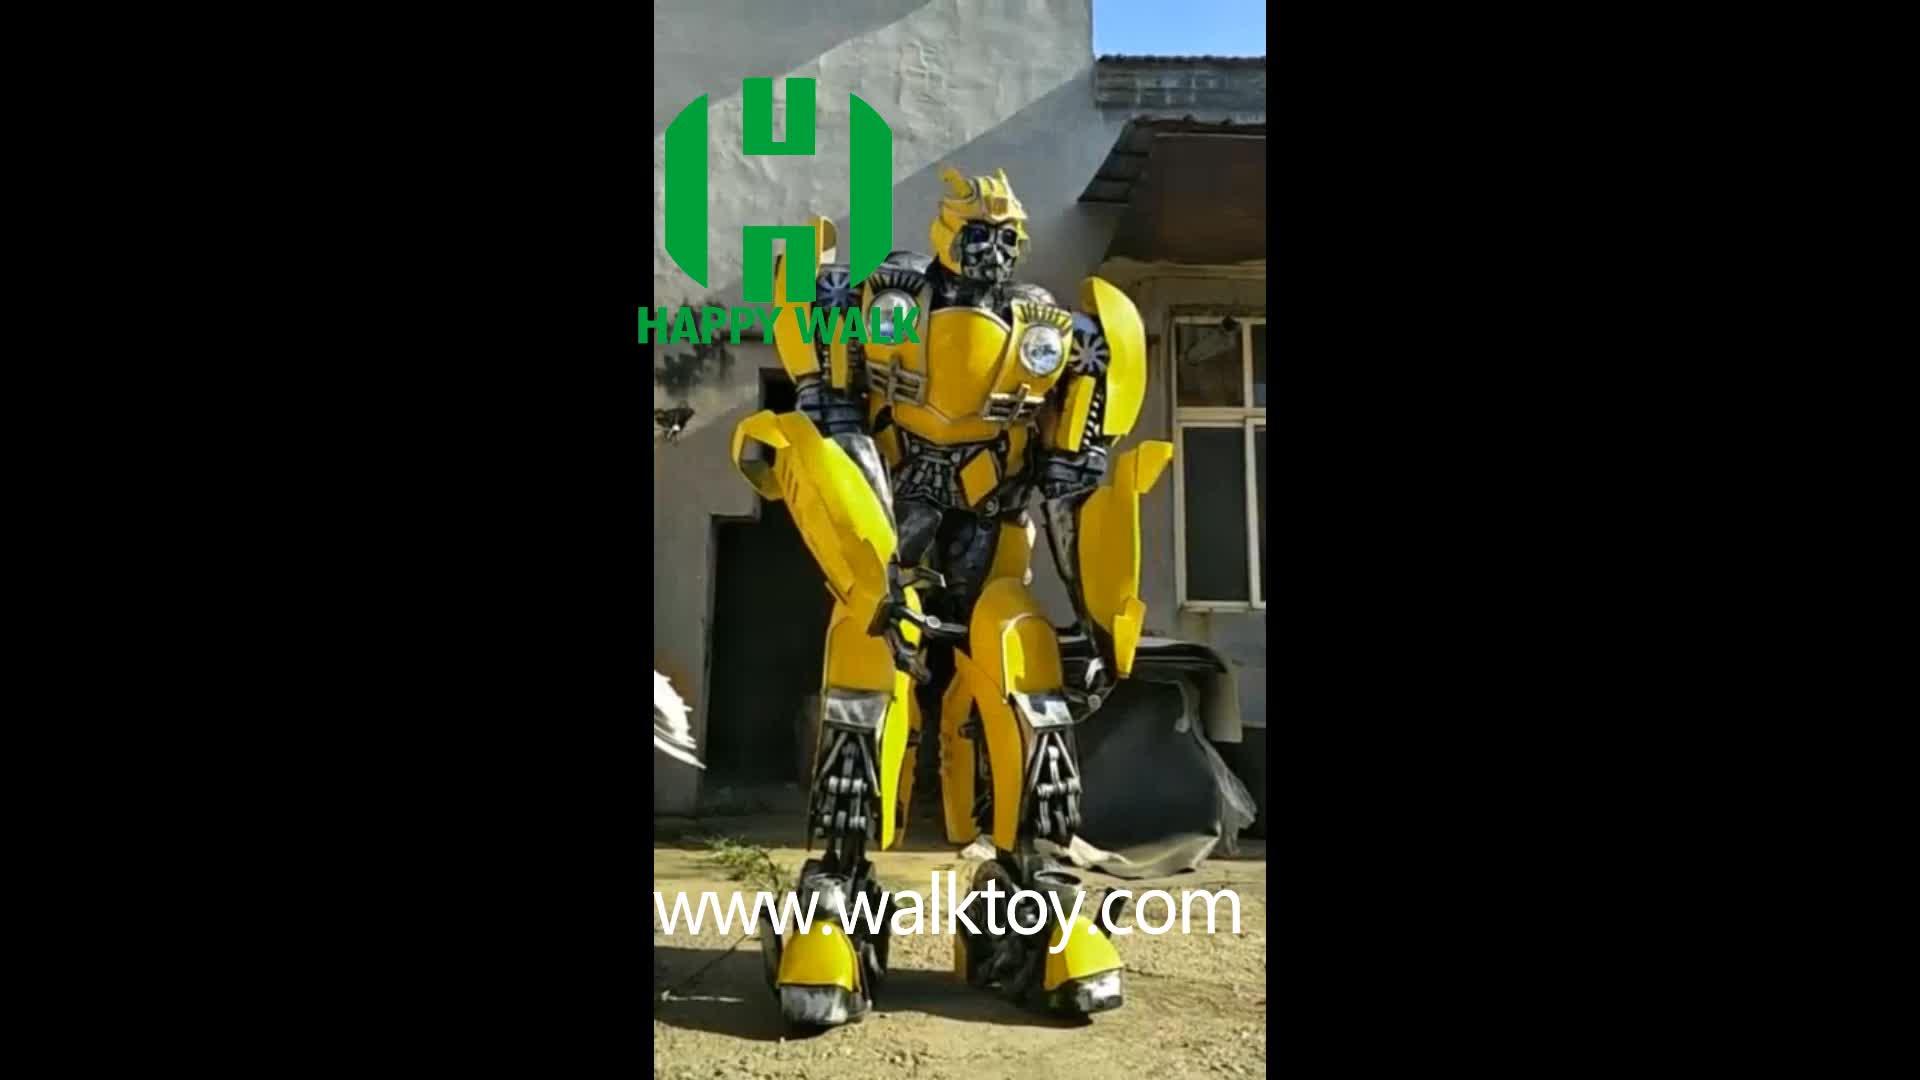 HI-Qualität Transformator Robot Maskottchen Kostüm haben Licht und Voice-Wechsler 2.6-2.8M hoch